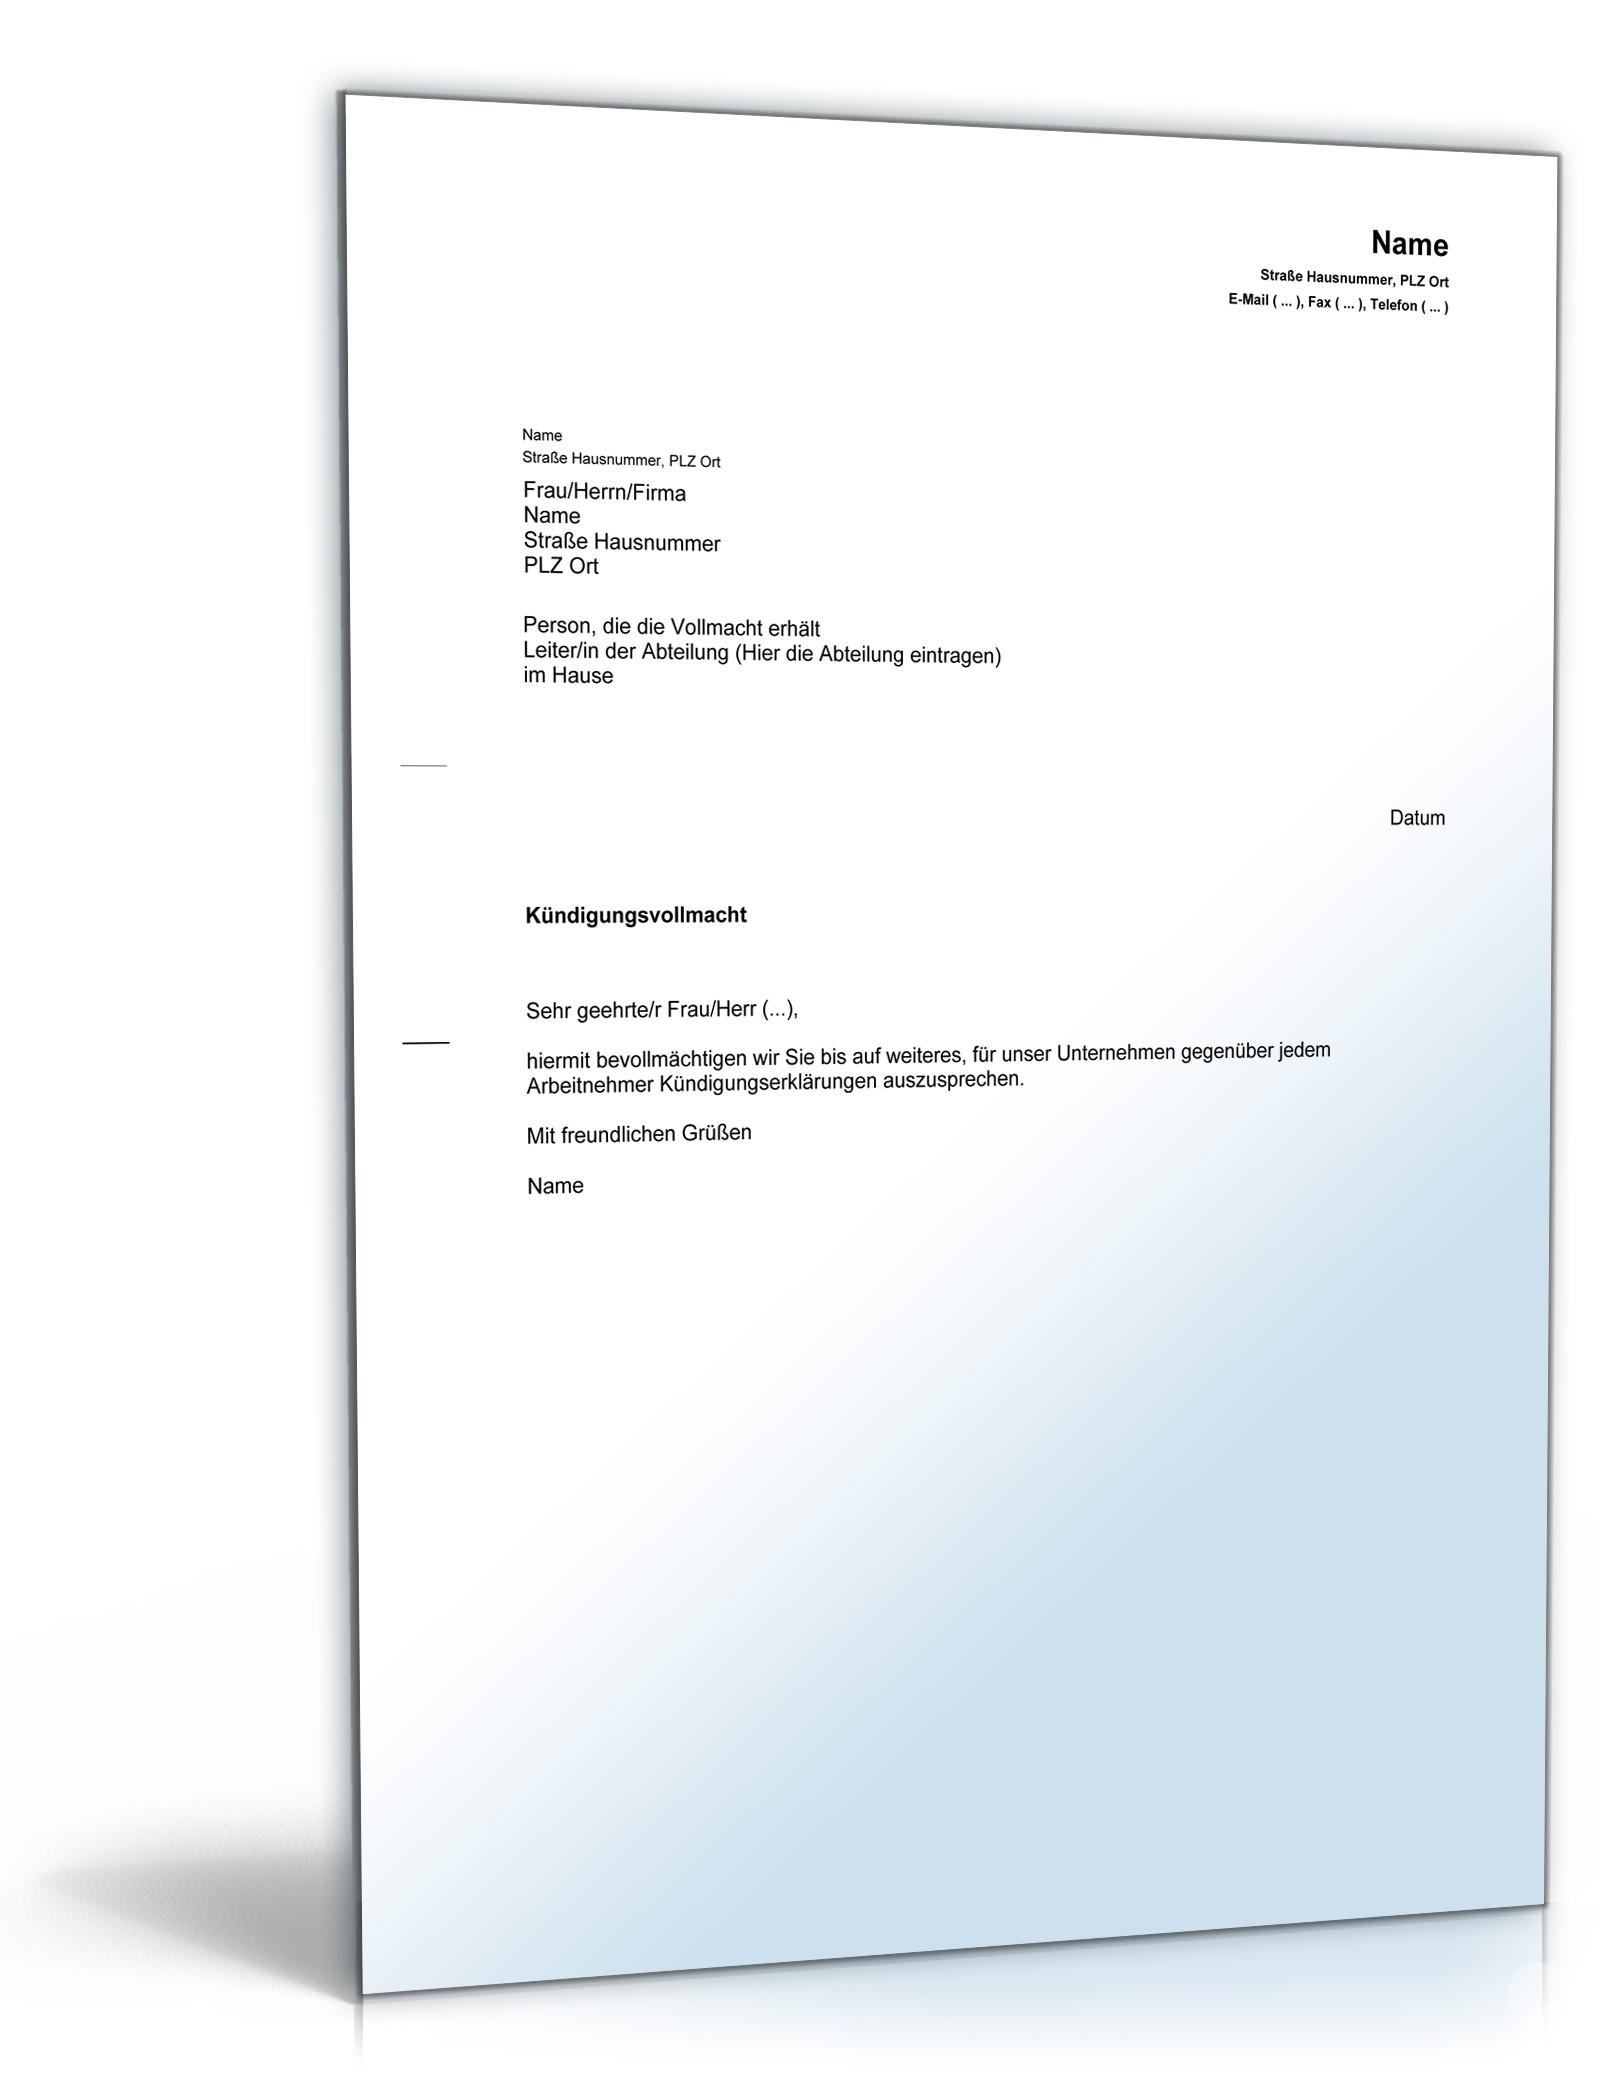 Kündigungsvollmacht Rechtssicheres Muster Zum Download